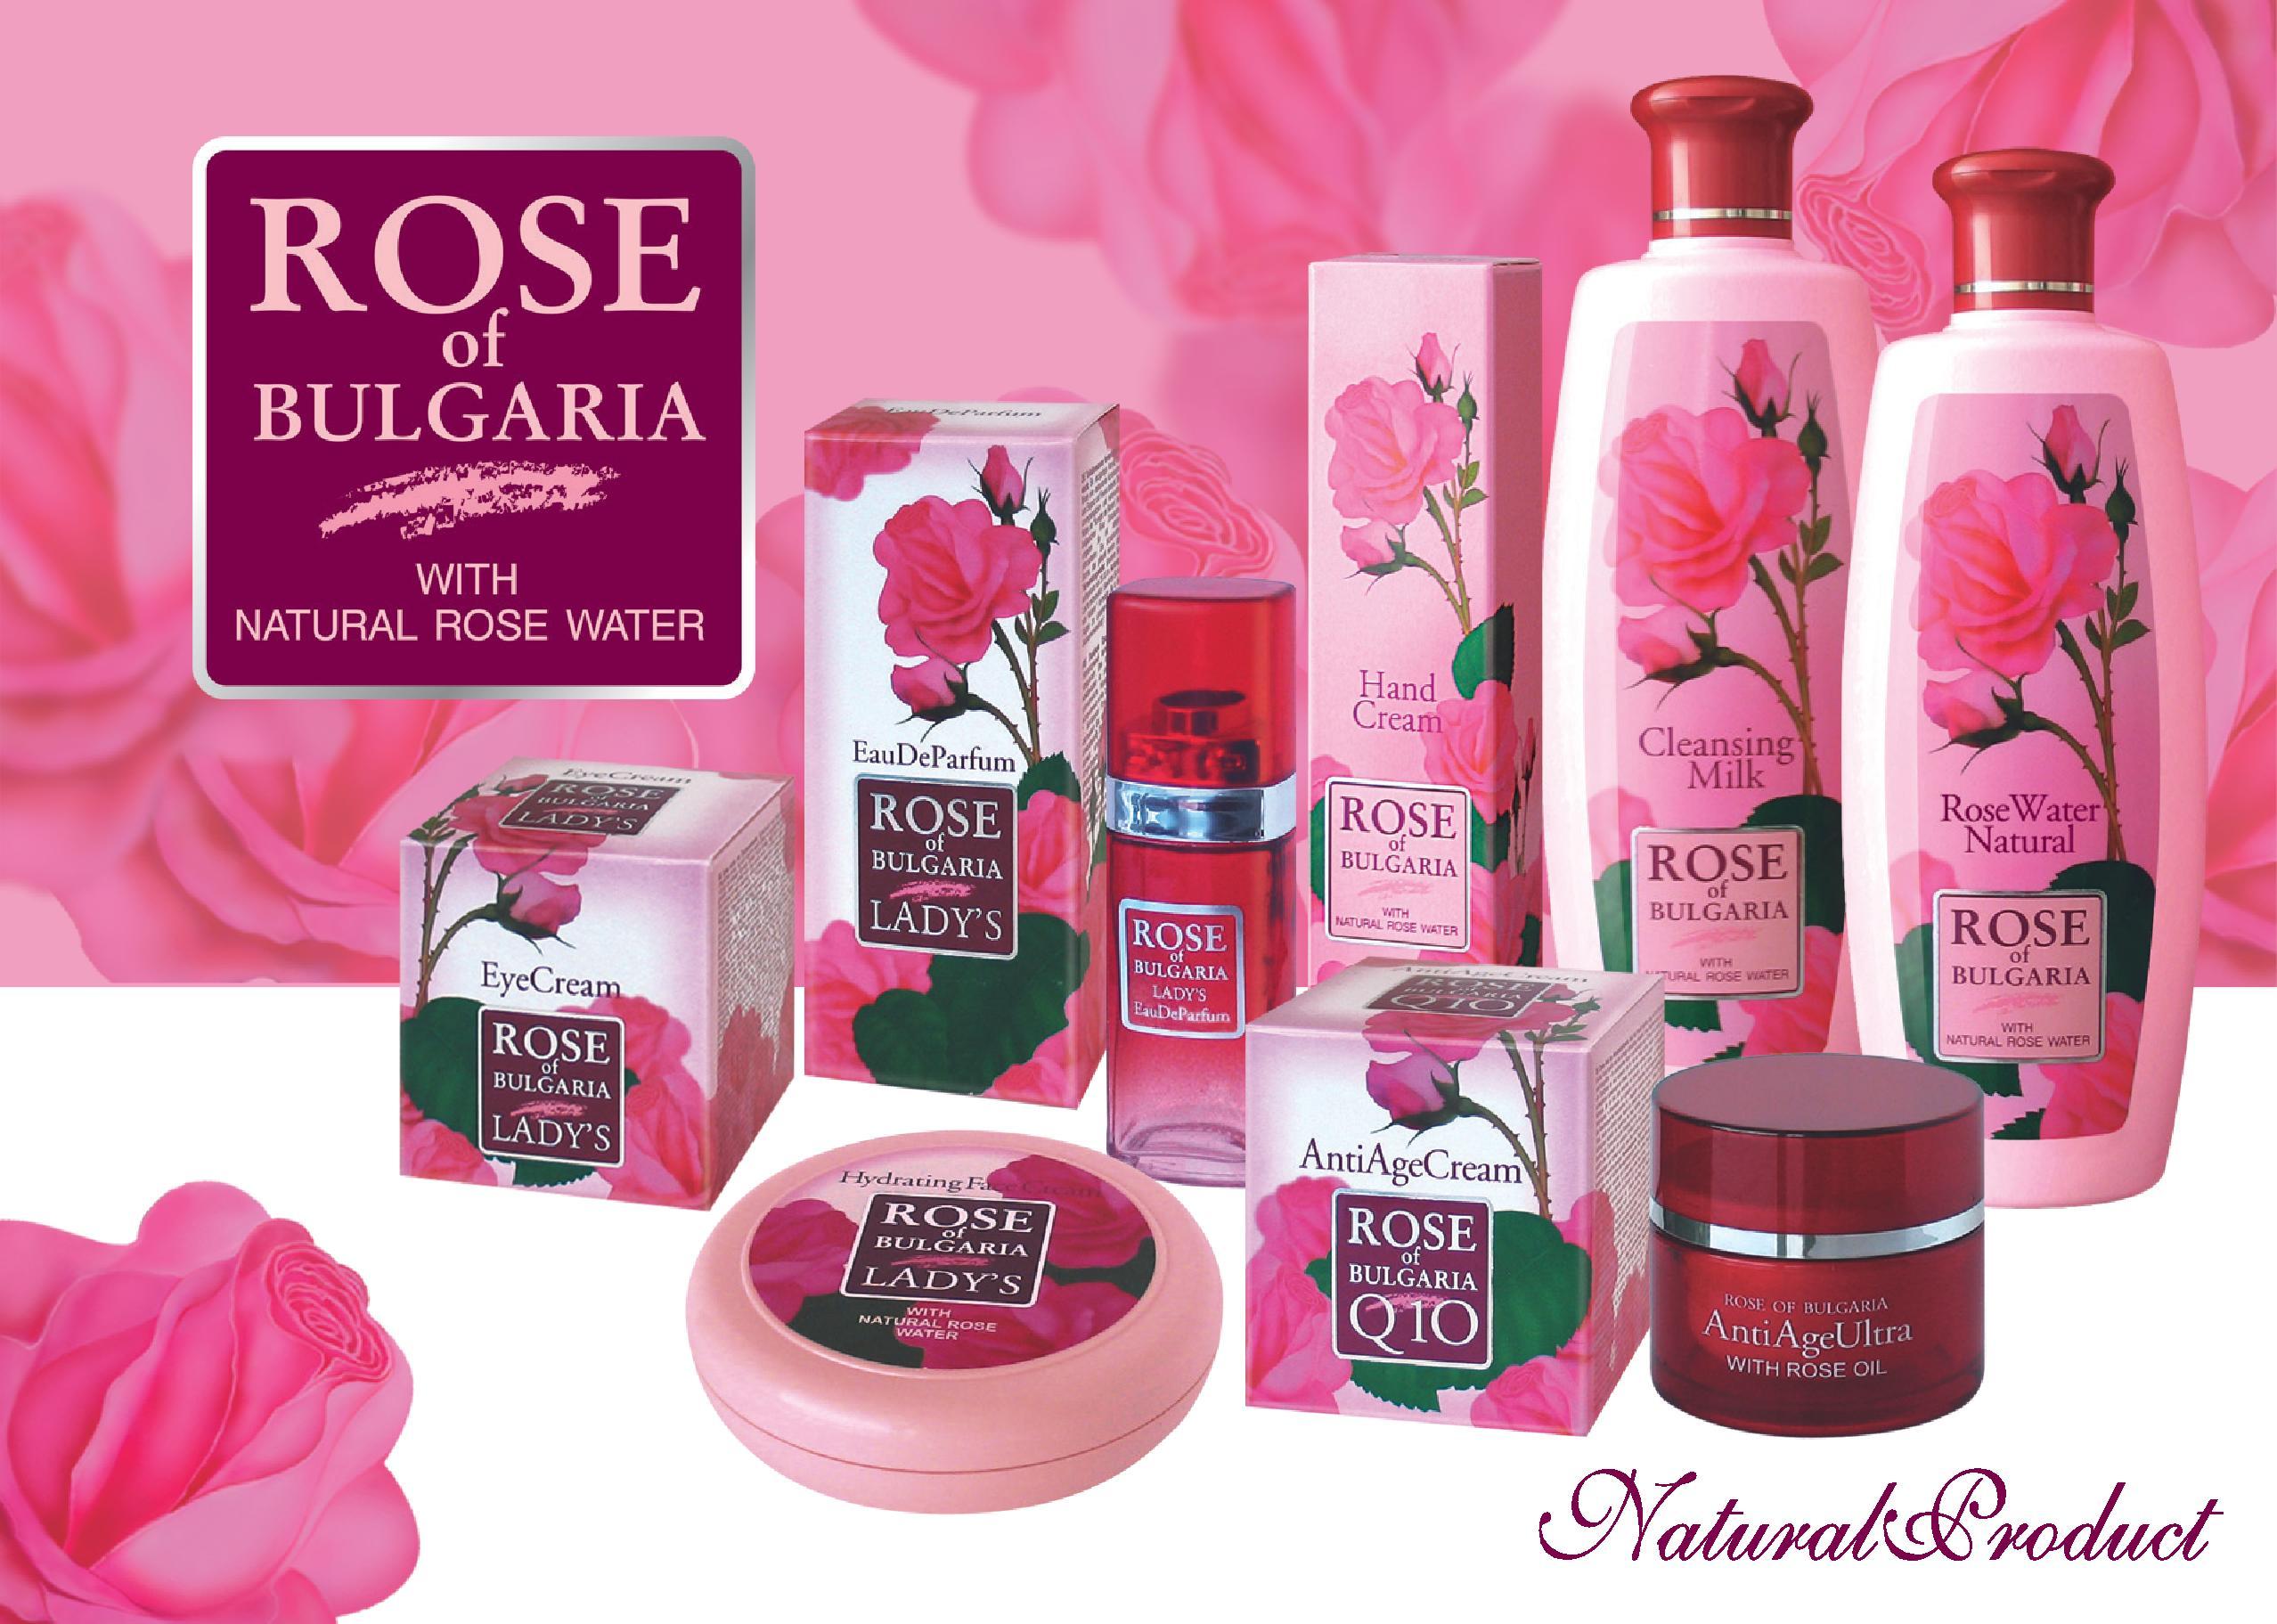 Золото природы для Вашей красоты. 100% натуральная косметика из сердца Болгарии на основе масел розы, лаванды, оливы. В распродаже новые позиции, скидки от 50%-8